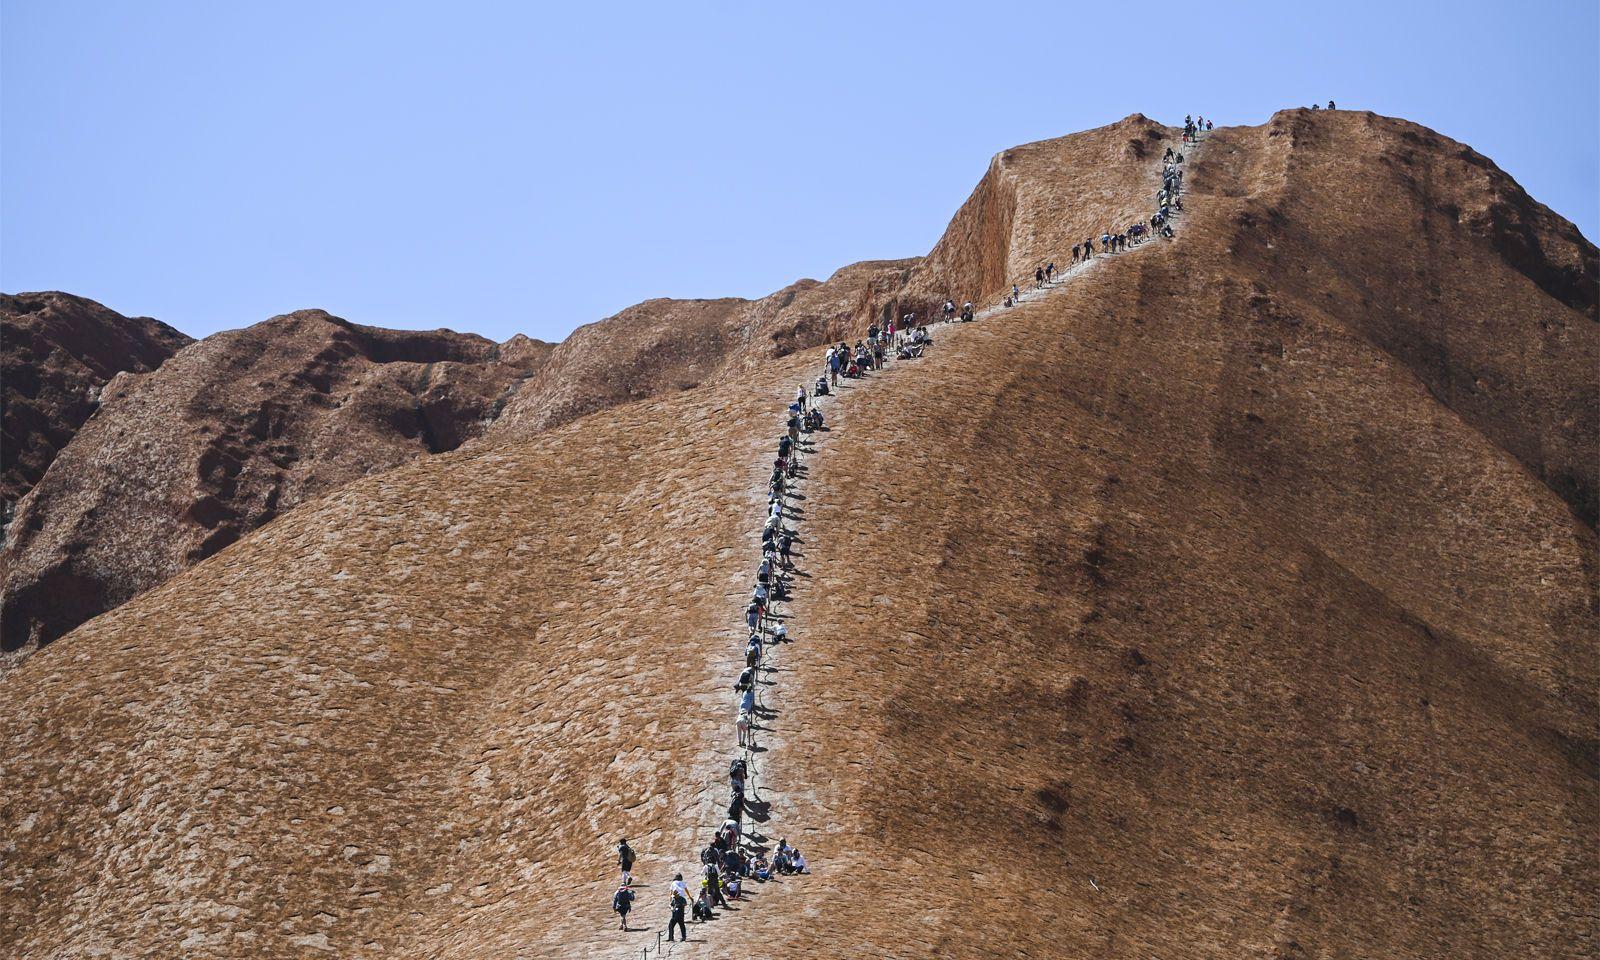 Der weltberühmte Uluru-Felsen (früher: Ayers Rock) ist ab sofort für Touristen gesperrt. Hunderte Menschen nutzten ihre letzte Chance zur Erklimmung.